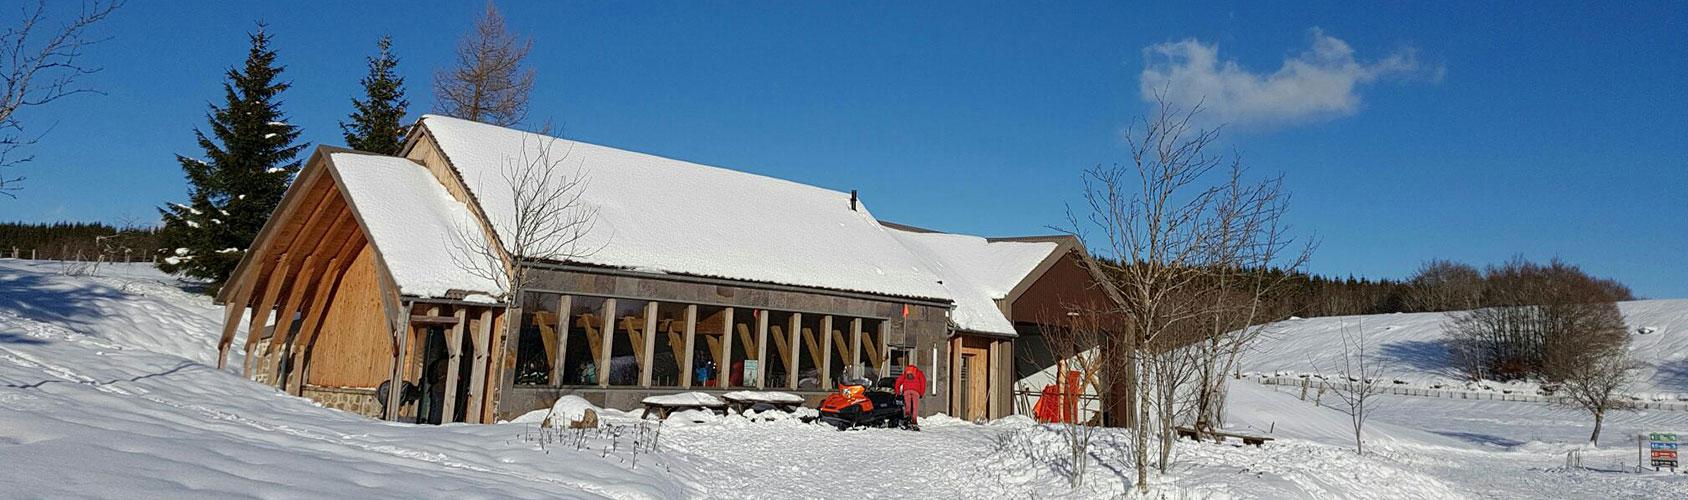 """<div class=""""sliderdesc""""> <h4>Découvrez l'Espace Aubrac Sud !! </h4> La station de ski Aubrac Sud, agréée Nordic France vous accueille tout au long de l'hiver. En ski de fond, raquettes de neige ou luge, venez vous ressourcer sur le site de Bonnecombe.   <br><br> En famille ou avec des amis, petits comme grands, offrez vous un moment de détente et de convivialité dans une nature préservée.<br><br> <a href=""""http://www.aubrac-sud-lozere.com/la-station-de-ski/les-activites/"""">Les activités de la station</a> </div>"""